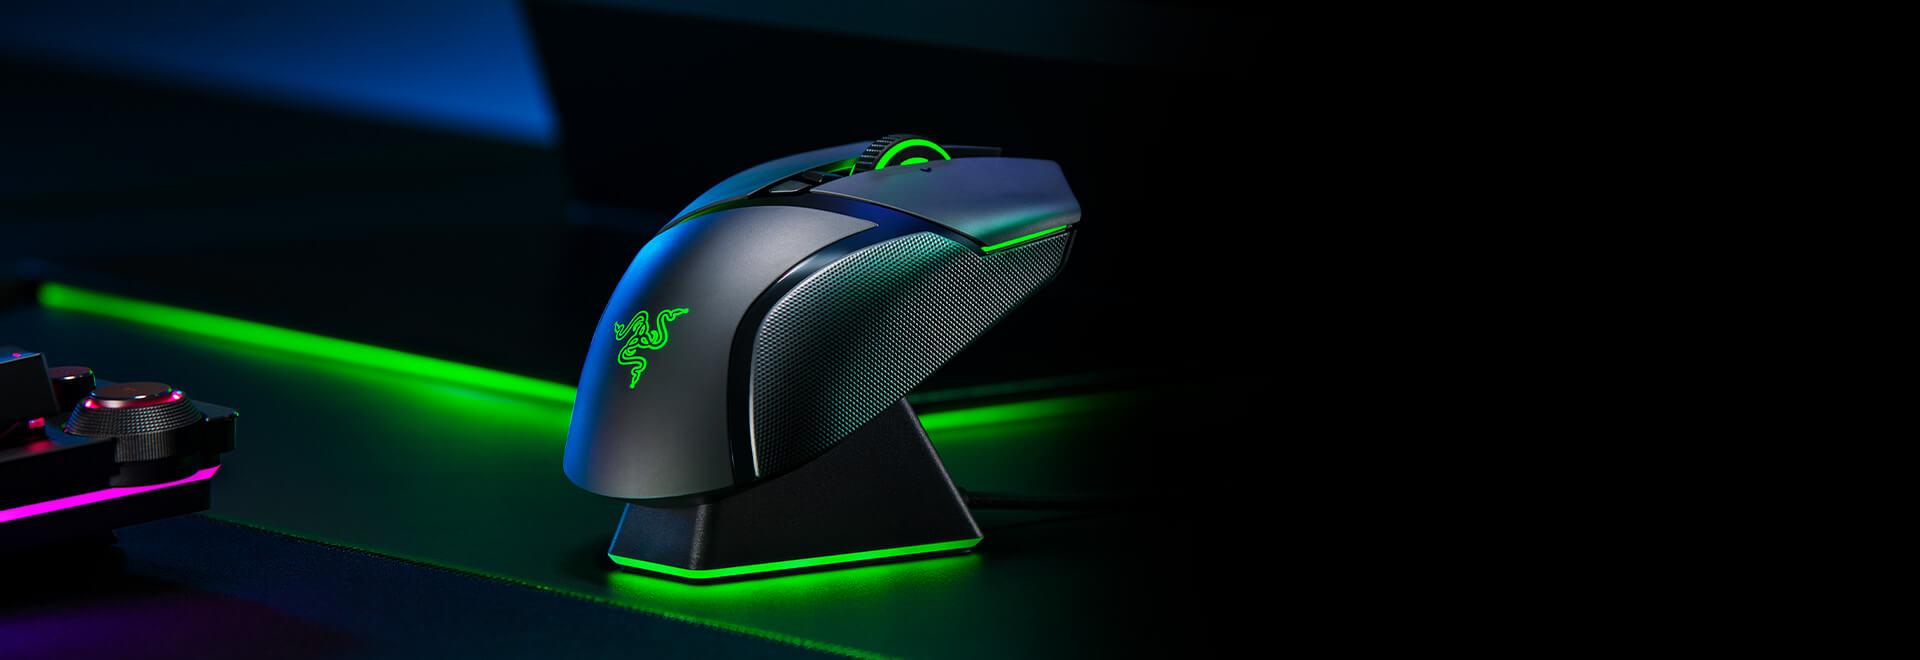 razer basilisk ultimate gaming mouse